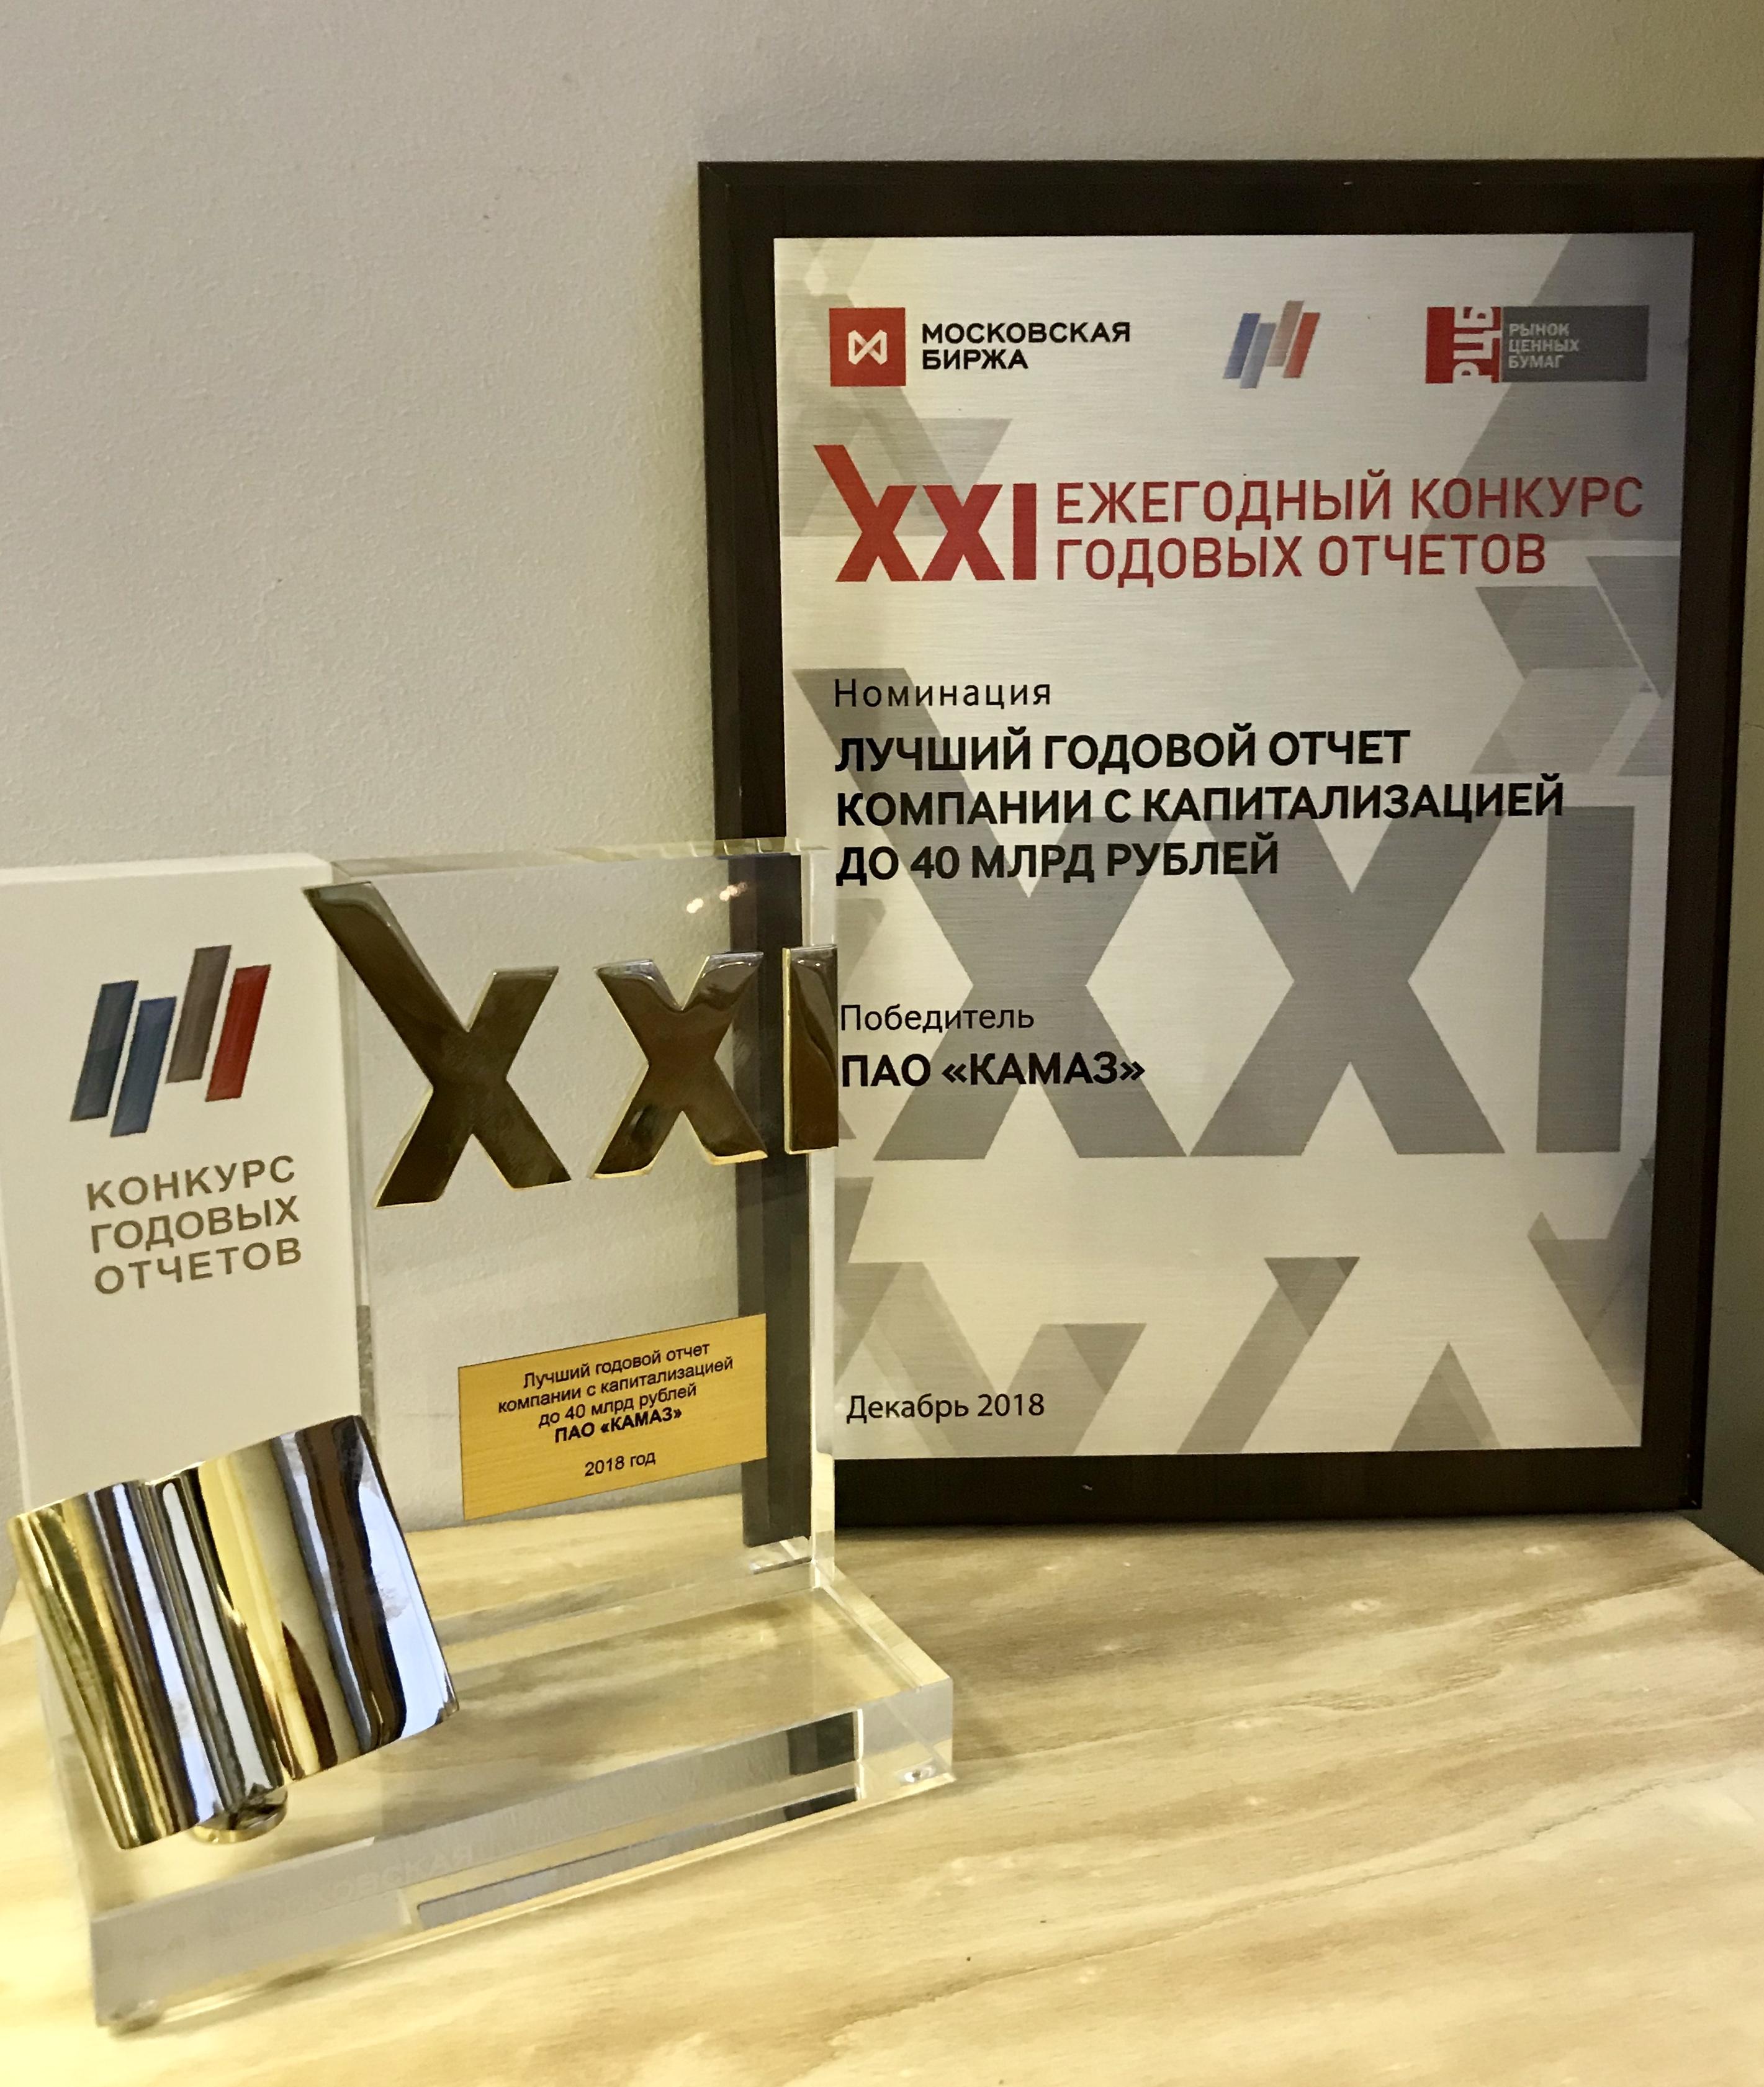 «КАМАЗ» - победитель конкурса годовых отчётов